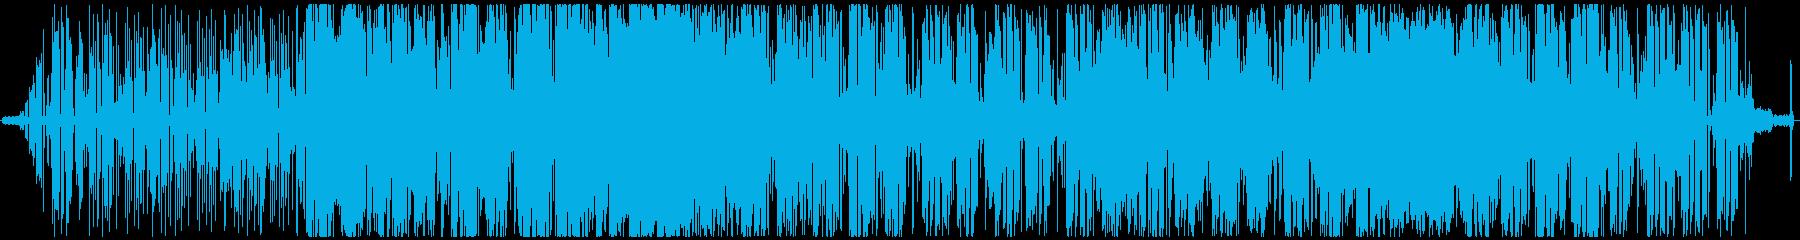 アングラ退廃、うなされ系女ボーカルの再生済みの波形